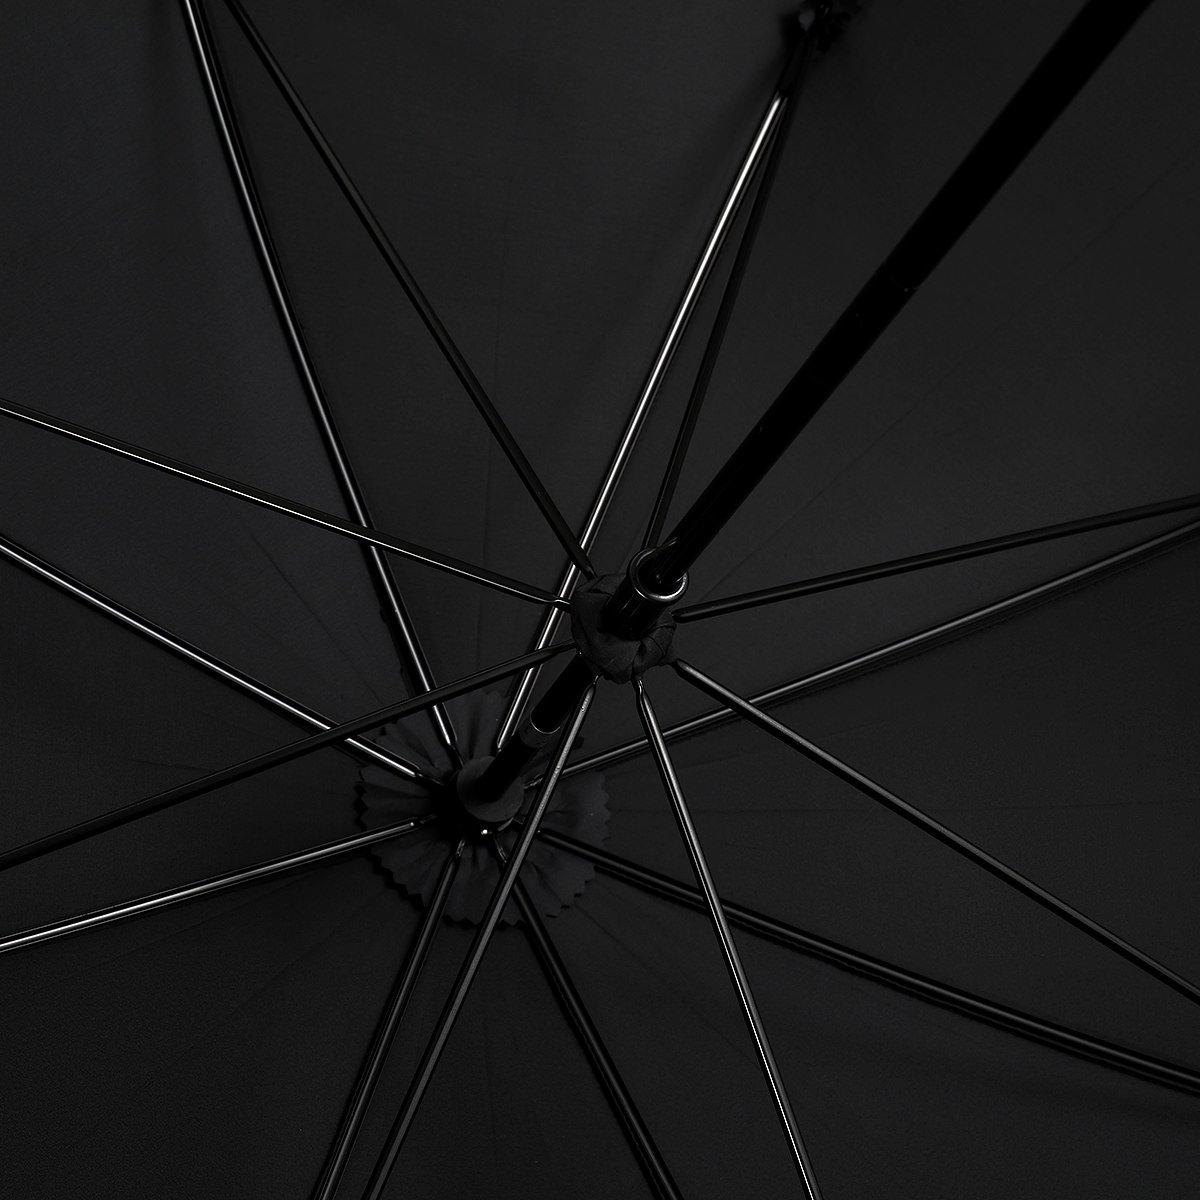 強力撥水 レインドロップ レディース レクタス エゴ 長傘(58cm) 詳細画像8